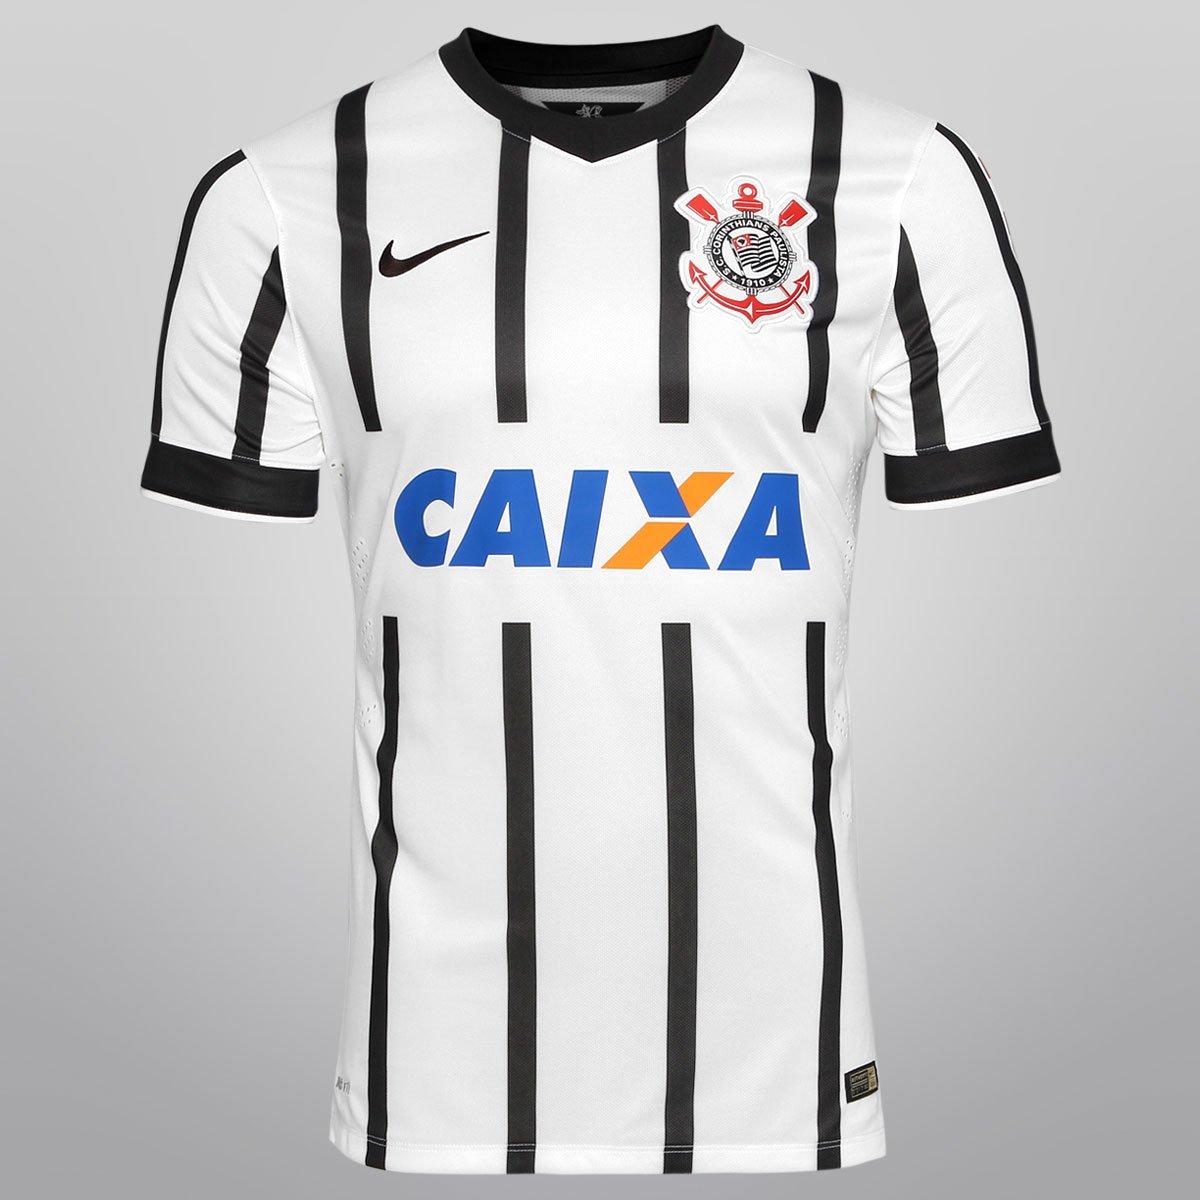 5cef90de54 Camisa Nike Corinthians I 14 15 s nº - Jogador - Compre Agora